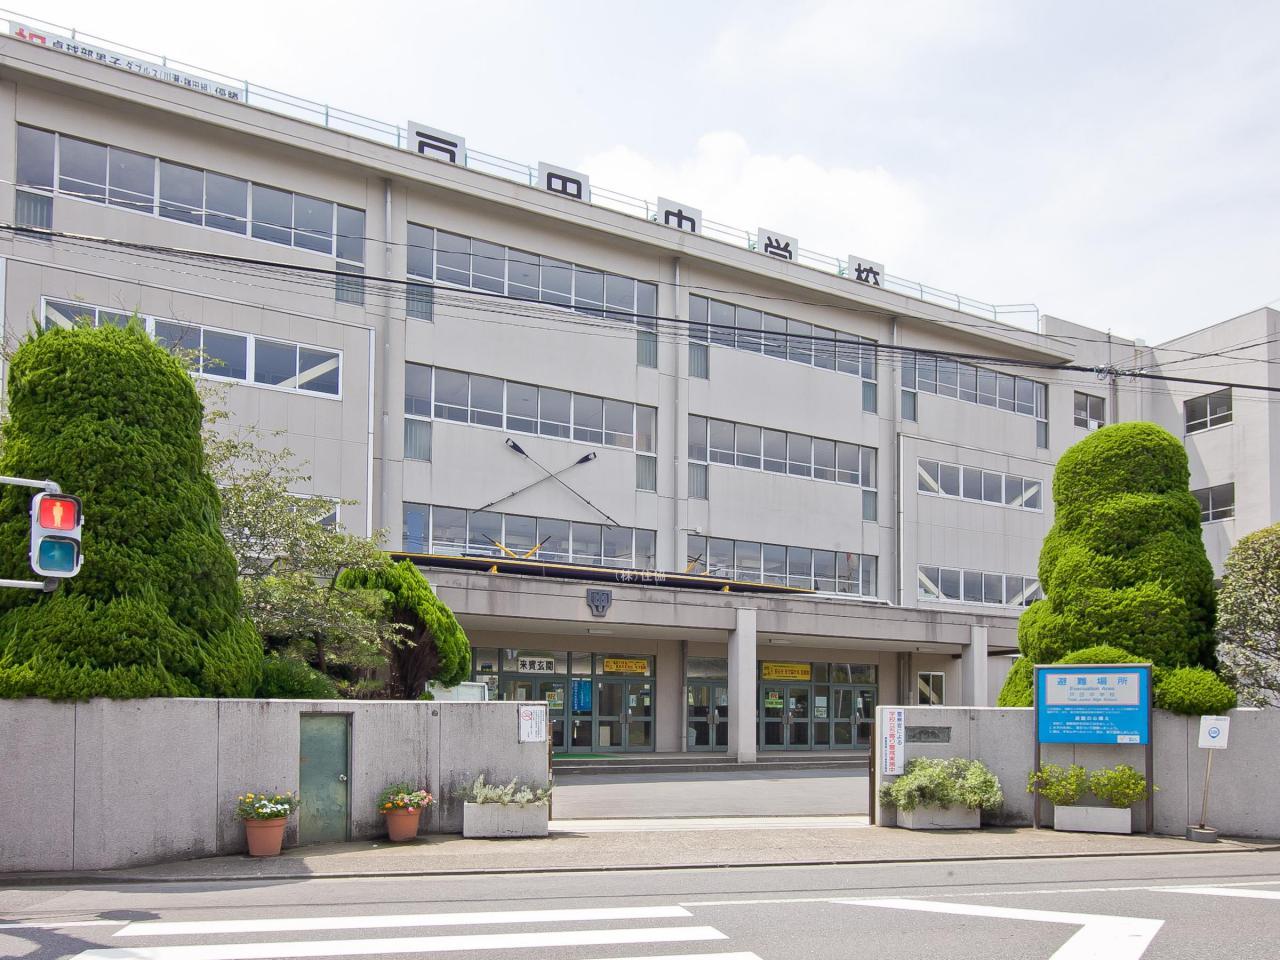 戸田市立戸田中学校